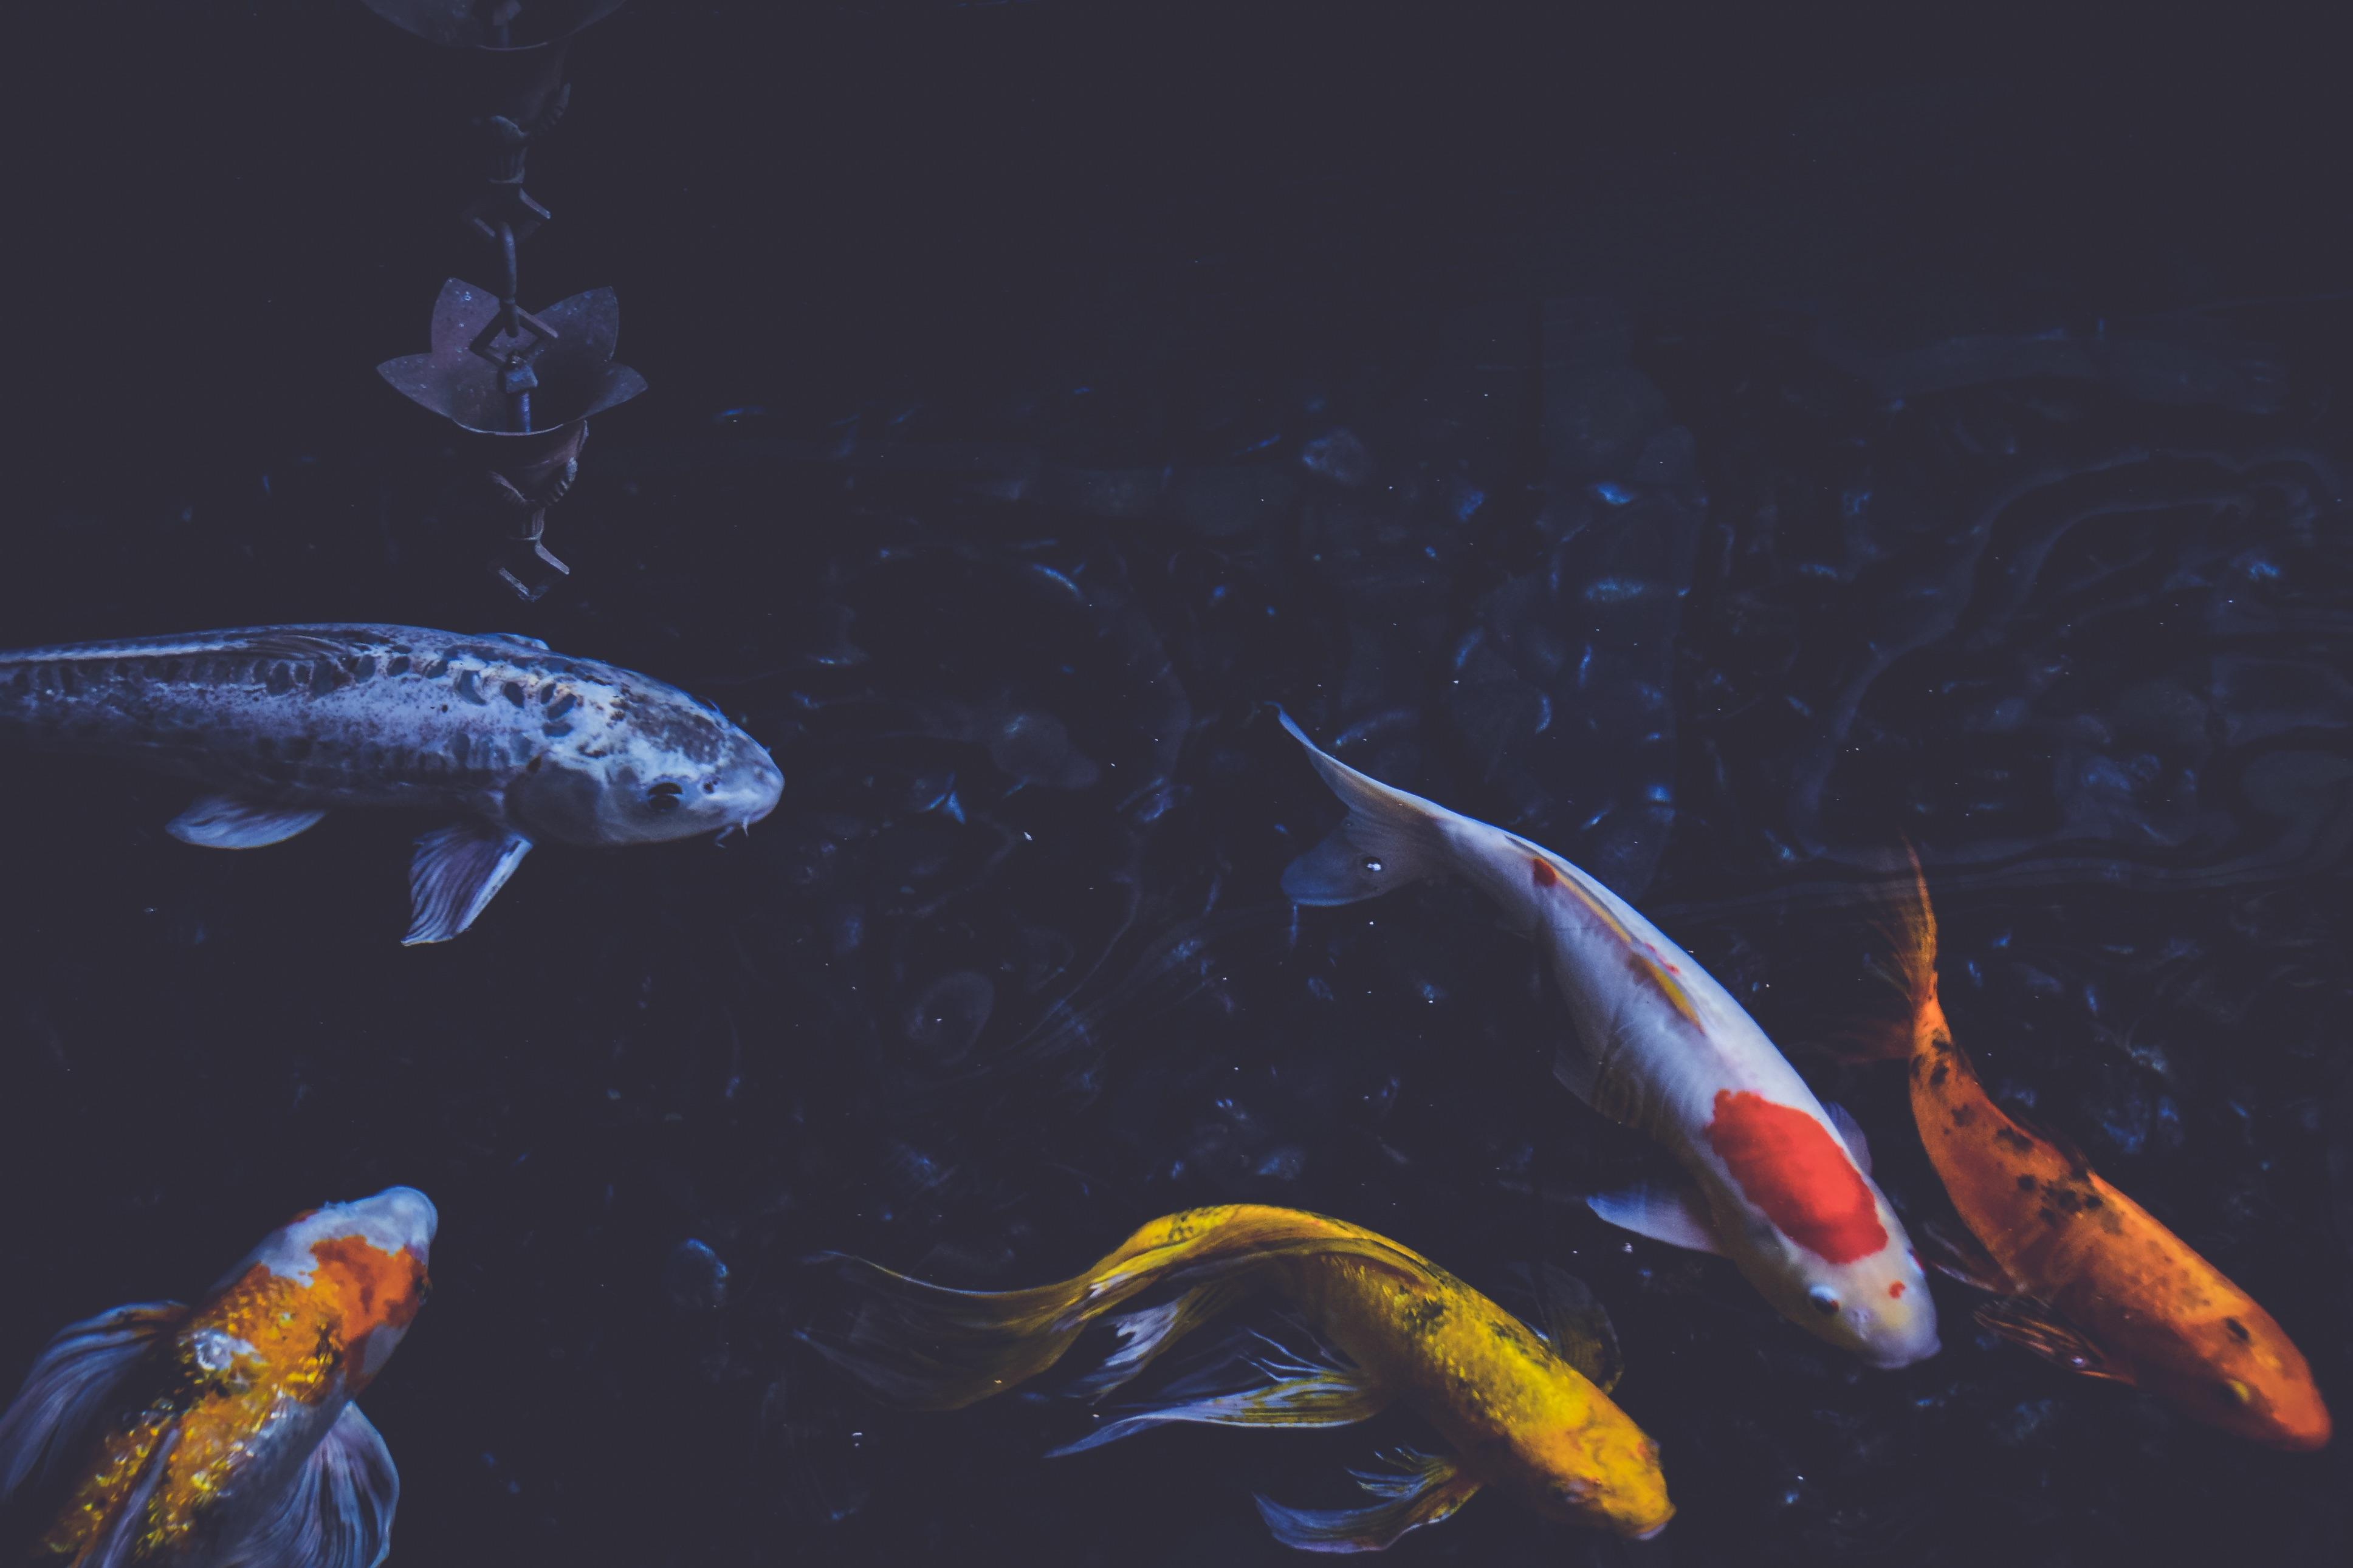 69790 Заставки и Обои Рыбы на телефон. Скачать Рыбы, Природа, Подводный Мир, Плавать картинки бесплатно